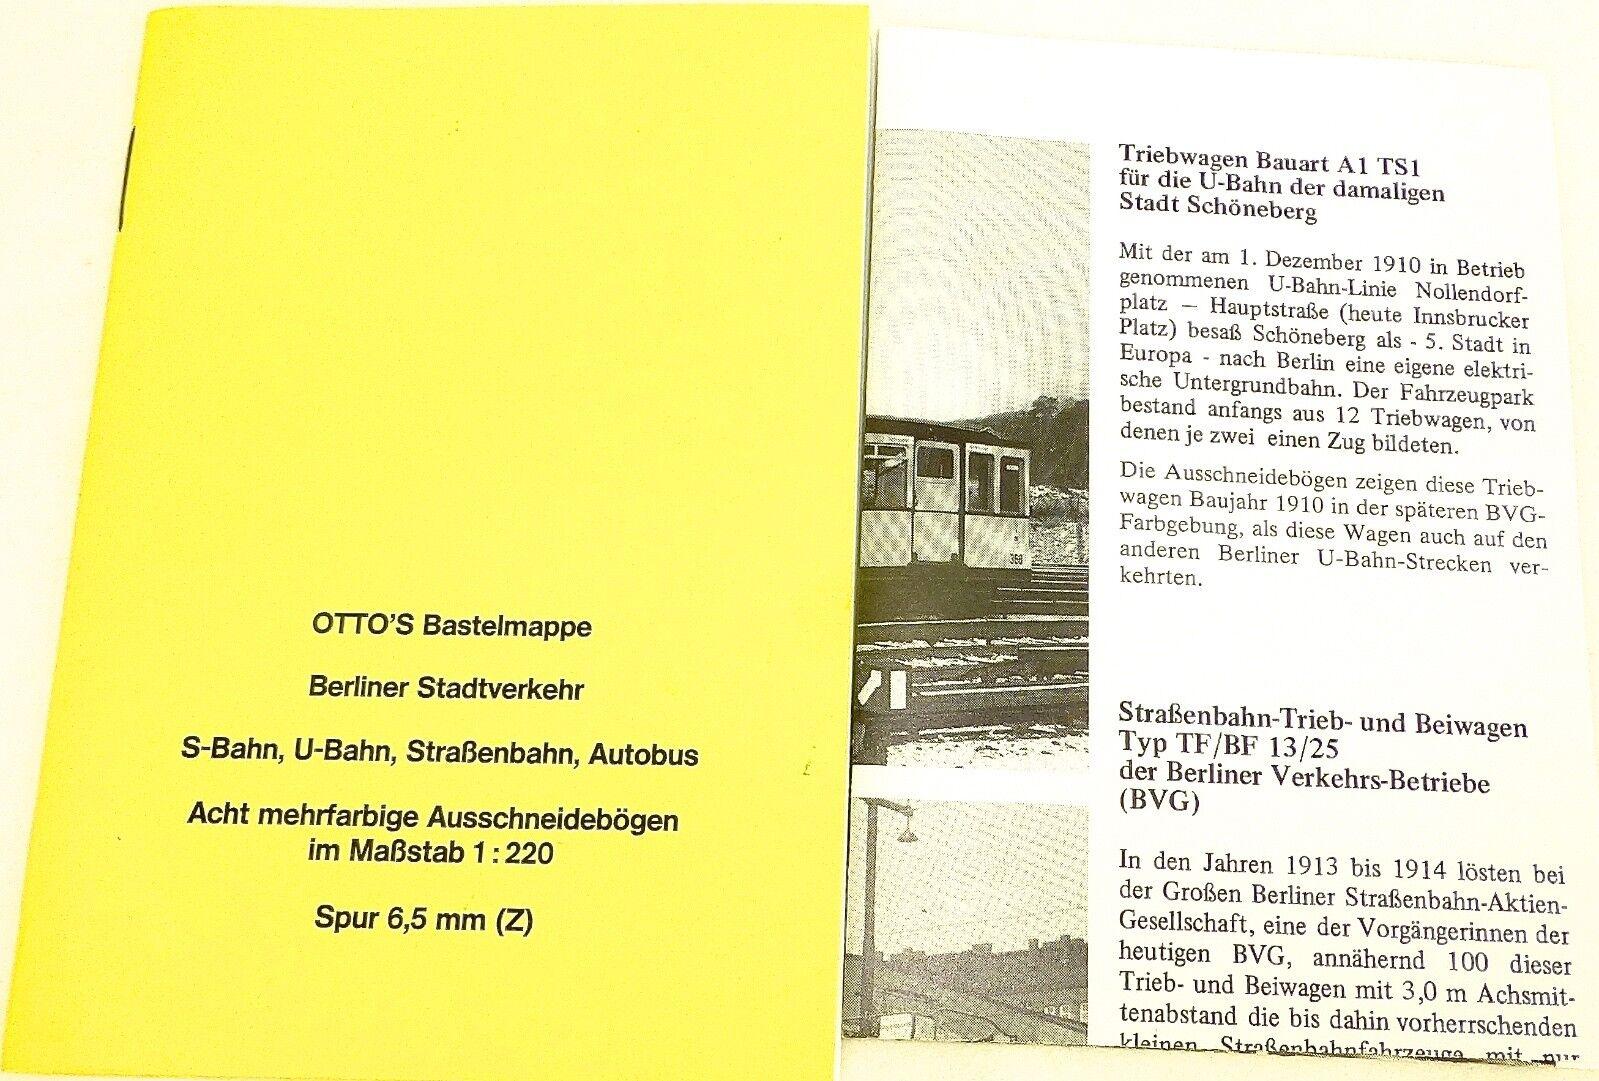 Otto's Bastelmappe Berliner Stadtverkehr S-Bahn U-Bahn Straba BUS Z 1 220 å    Zahlreiche In Vielfalt